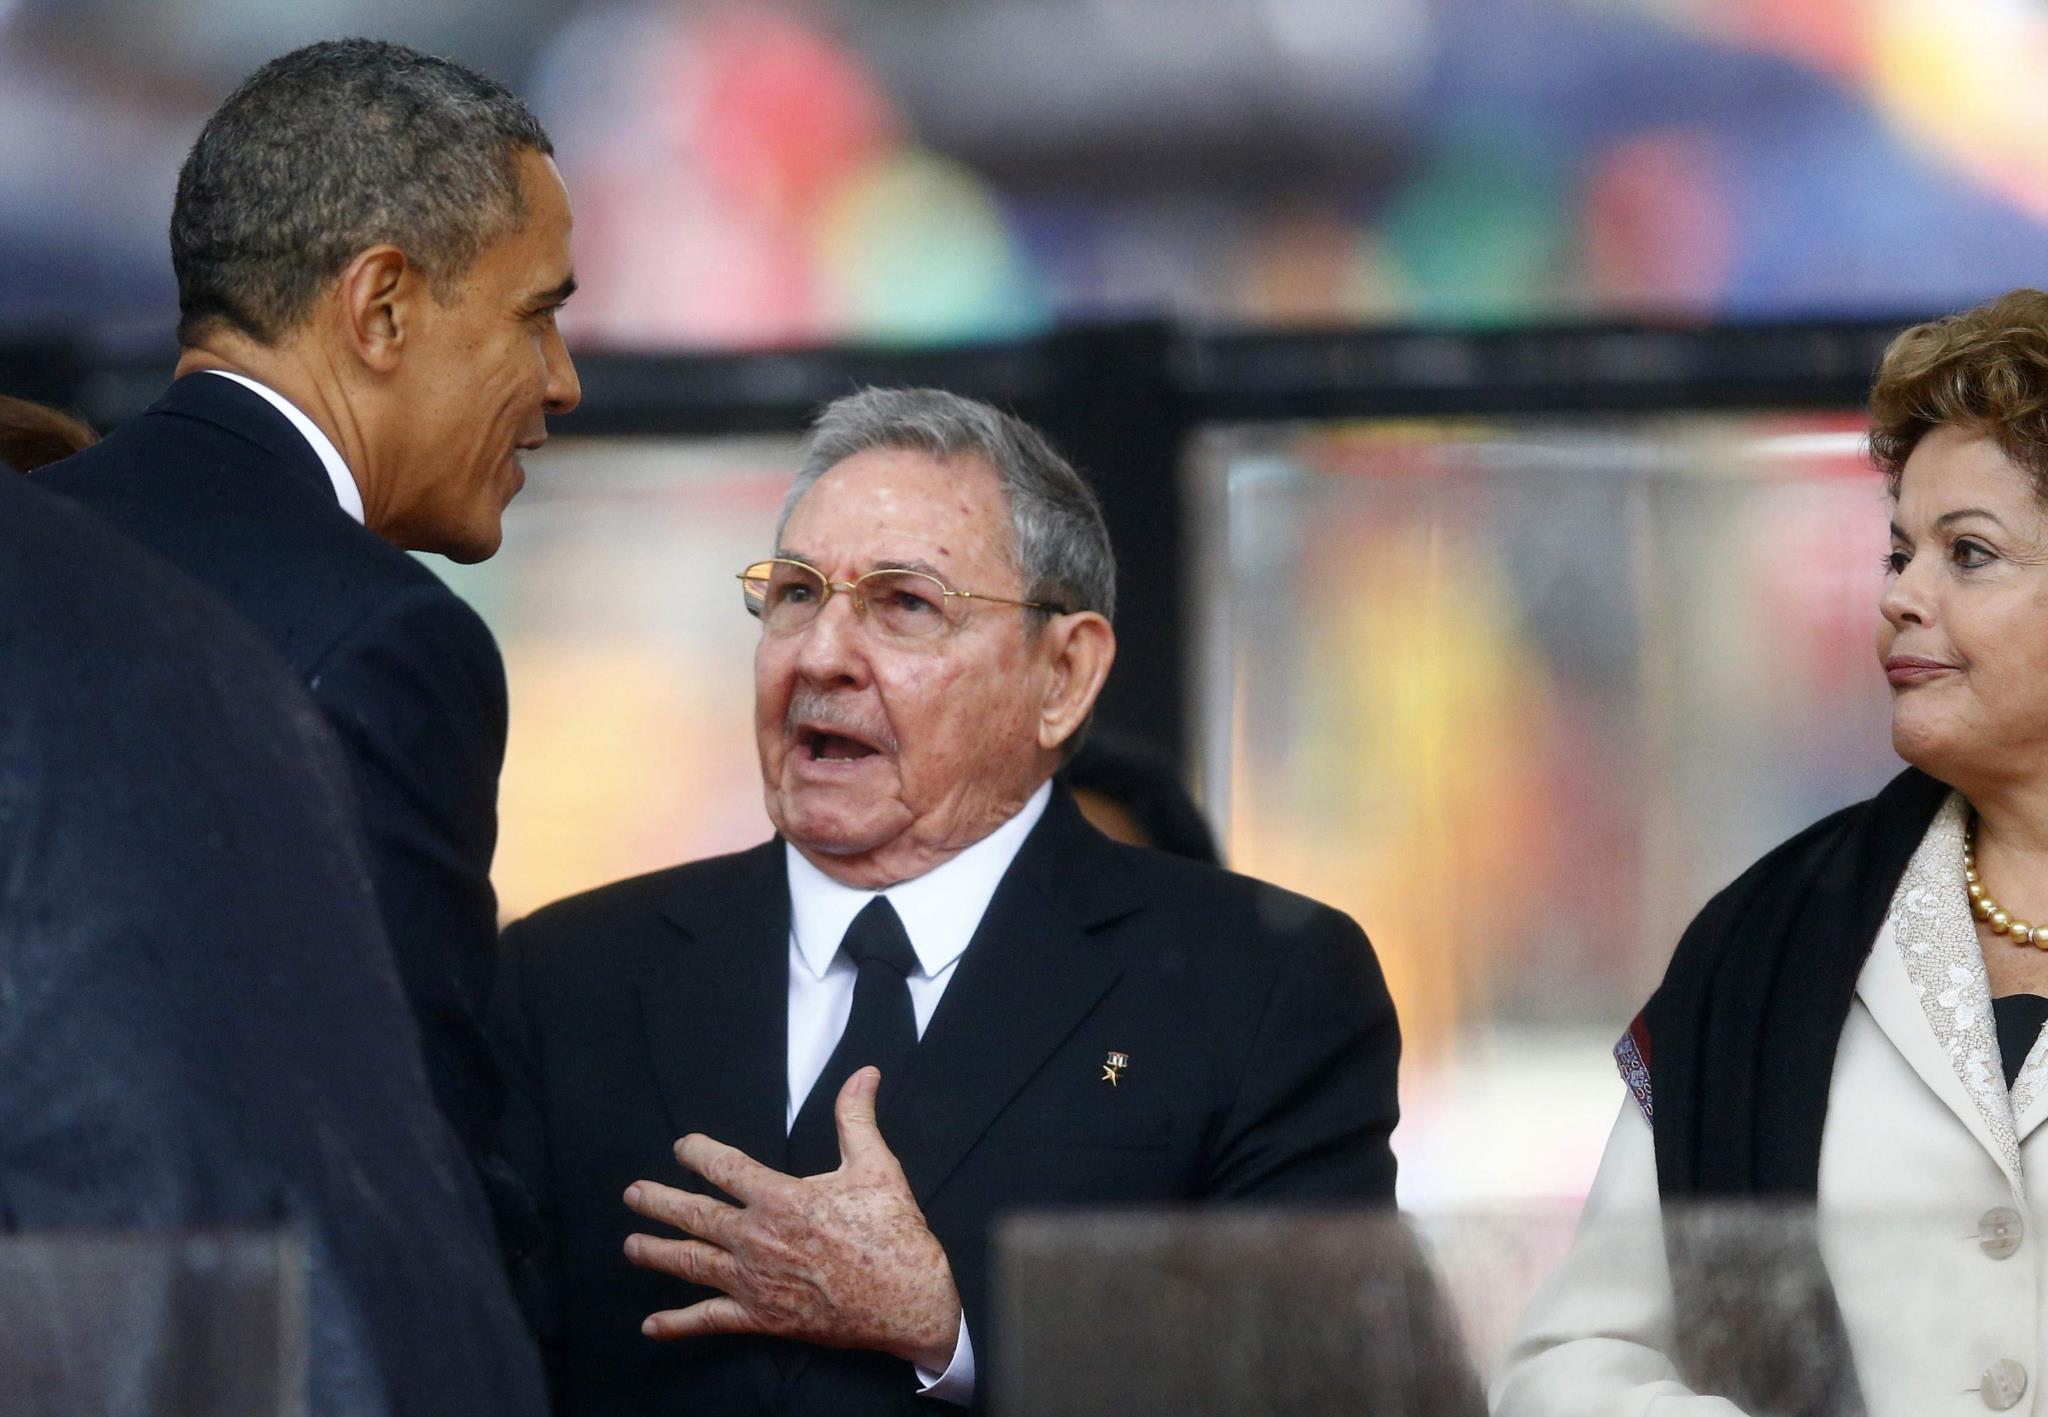 A imagem que revelou os ventos de mudança nas relações EUA-Cuba: Barack Obama apertou a mão do chefe de Estado cubano Raúl Castro durante a cerimónia em honra de Nelson Mandela, em Joanesburgo, 2013